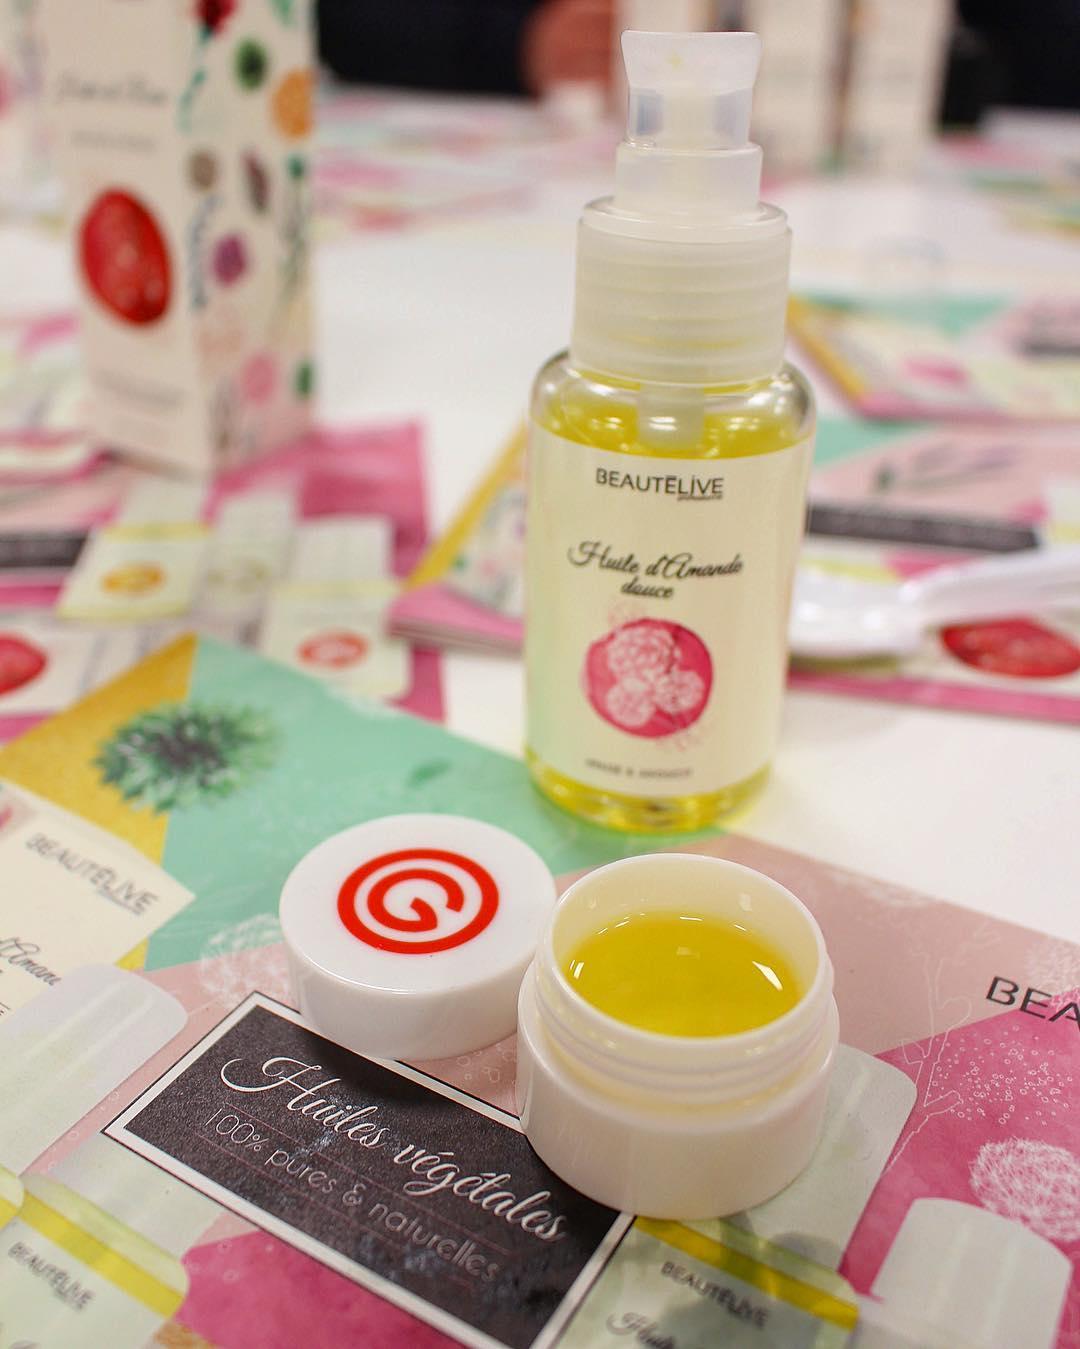 Ce soir c'est #gouiranparty avec la présentation de @gouiran_beaute (marque de la Région) et de ses nouveaux produits #beautélive ? ?? Atelier création de son masque pour les cheveux : huile de coco, de ricin et de jojoba  ____________ #gouiran #gouiranbeaute #montpellier #beauty #blogbeaute #blog #gouiranmontpellier #beautelive #blogparty